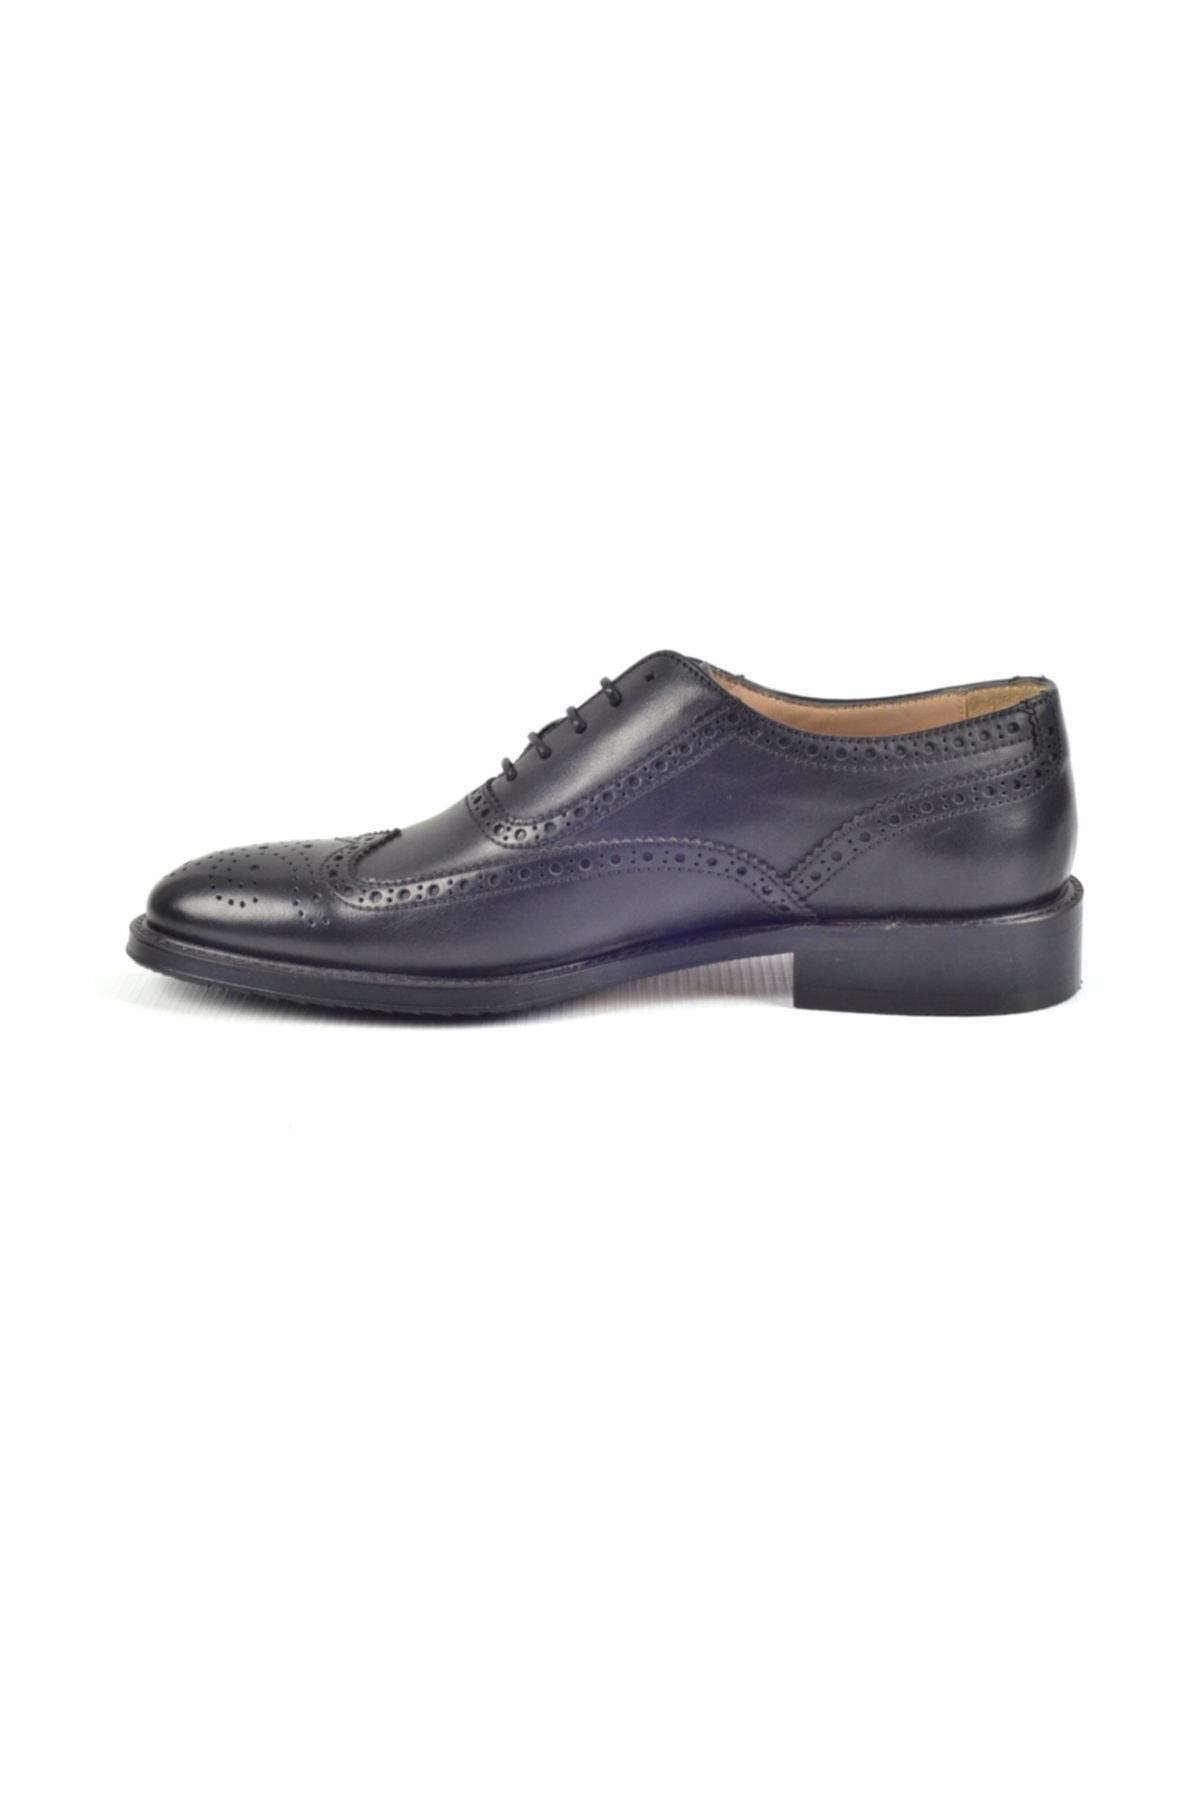 Nevzat Onay Kauçuk Taban Klasik Erkek Deri Ayakkabı 7202-257 2